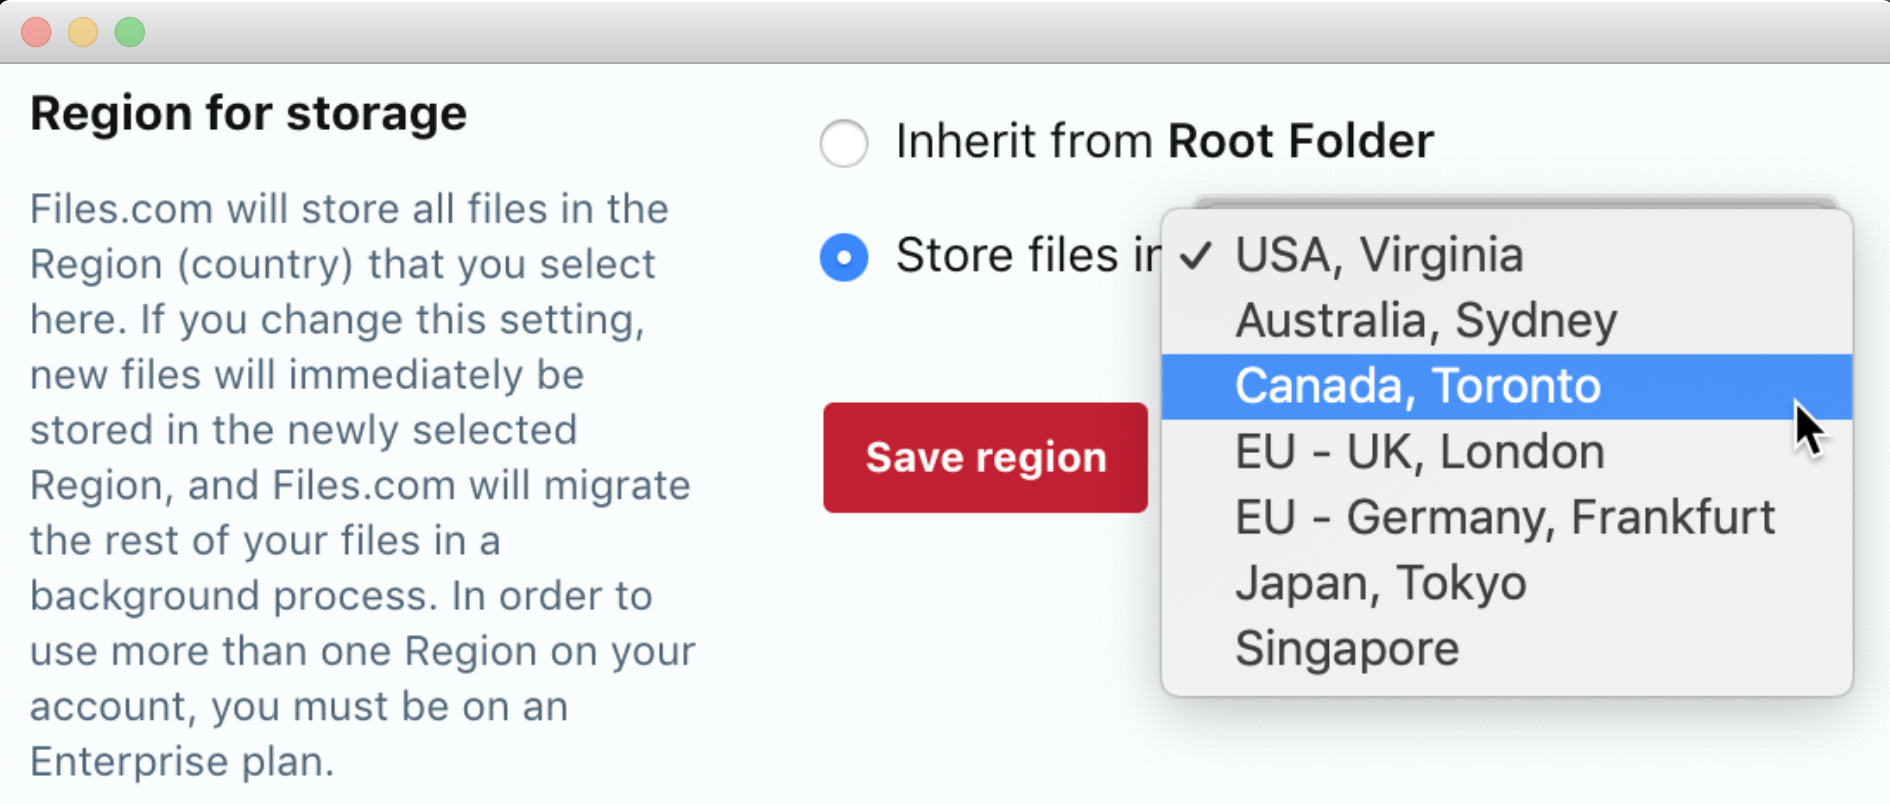 Regional Storage